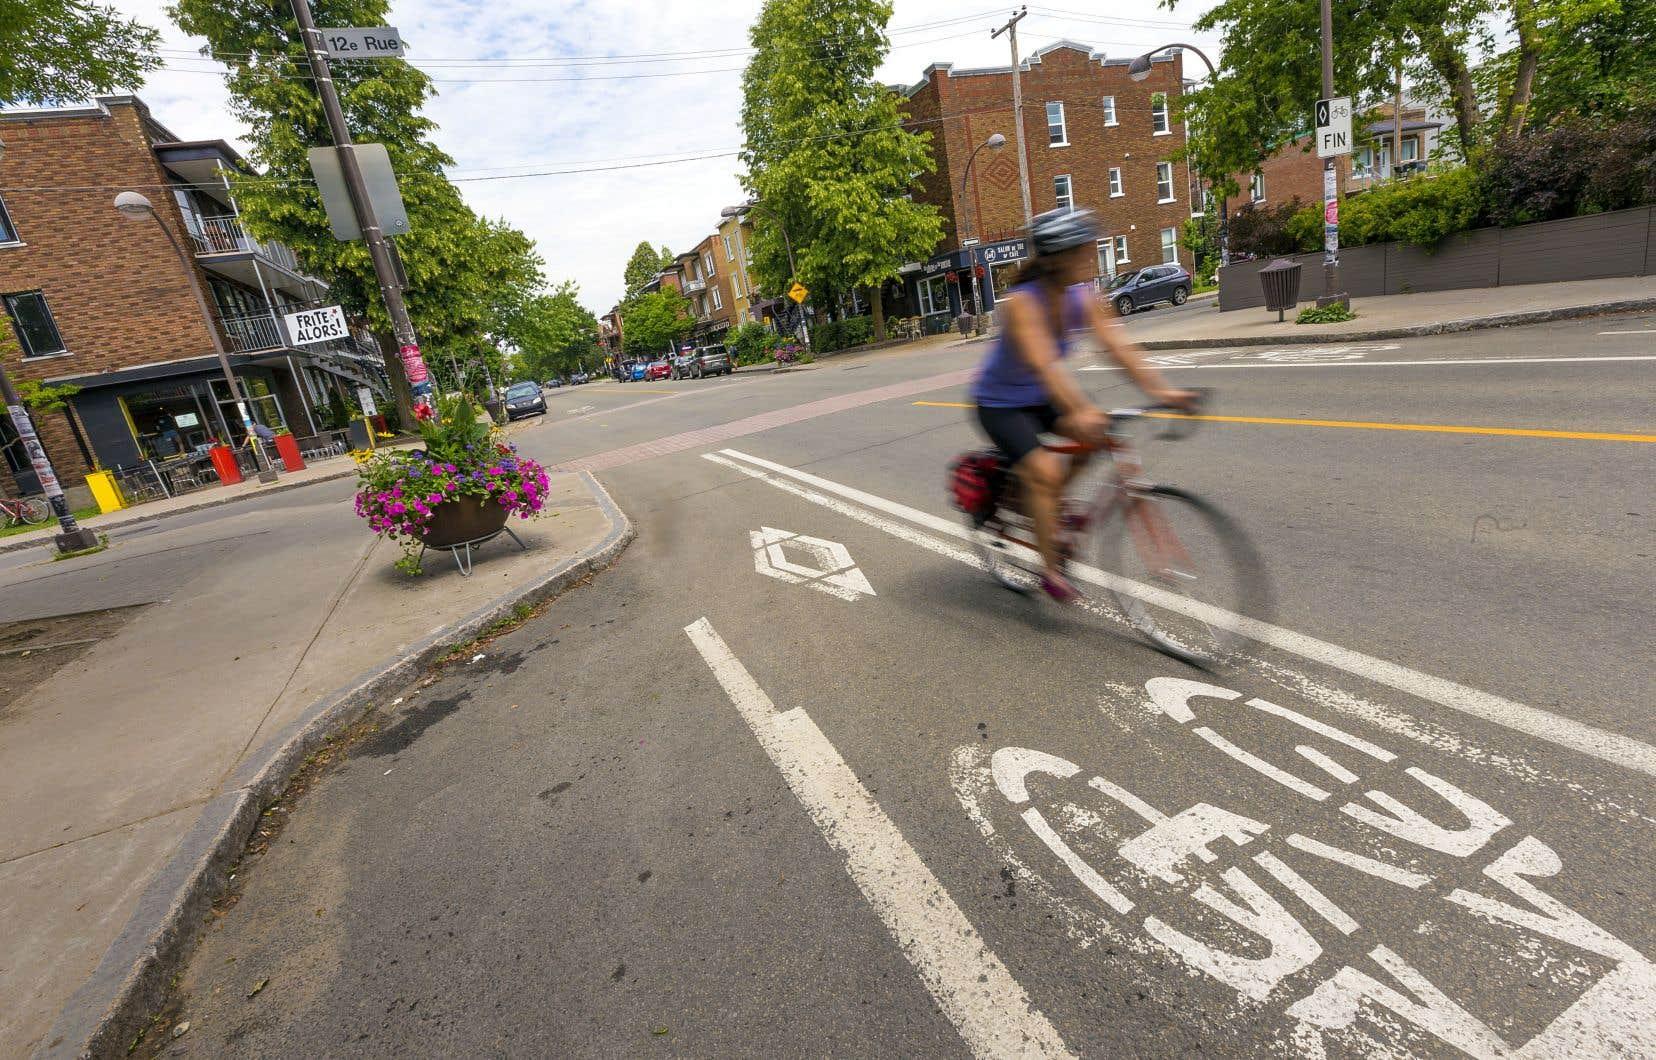 La Ville de Québec a décidé de prolonger des bandes cyclables sur l'artère commerciale principale de Limoilou, de la 12e à la 24e rue, et a choisi de sacrifier deux saillies de trottoir et 48 places de stationnement.